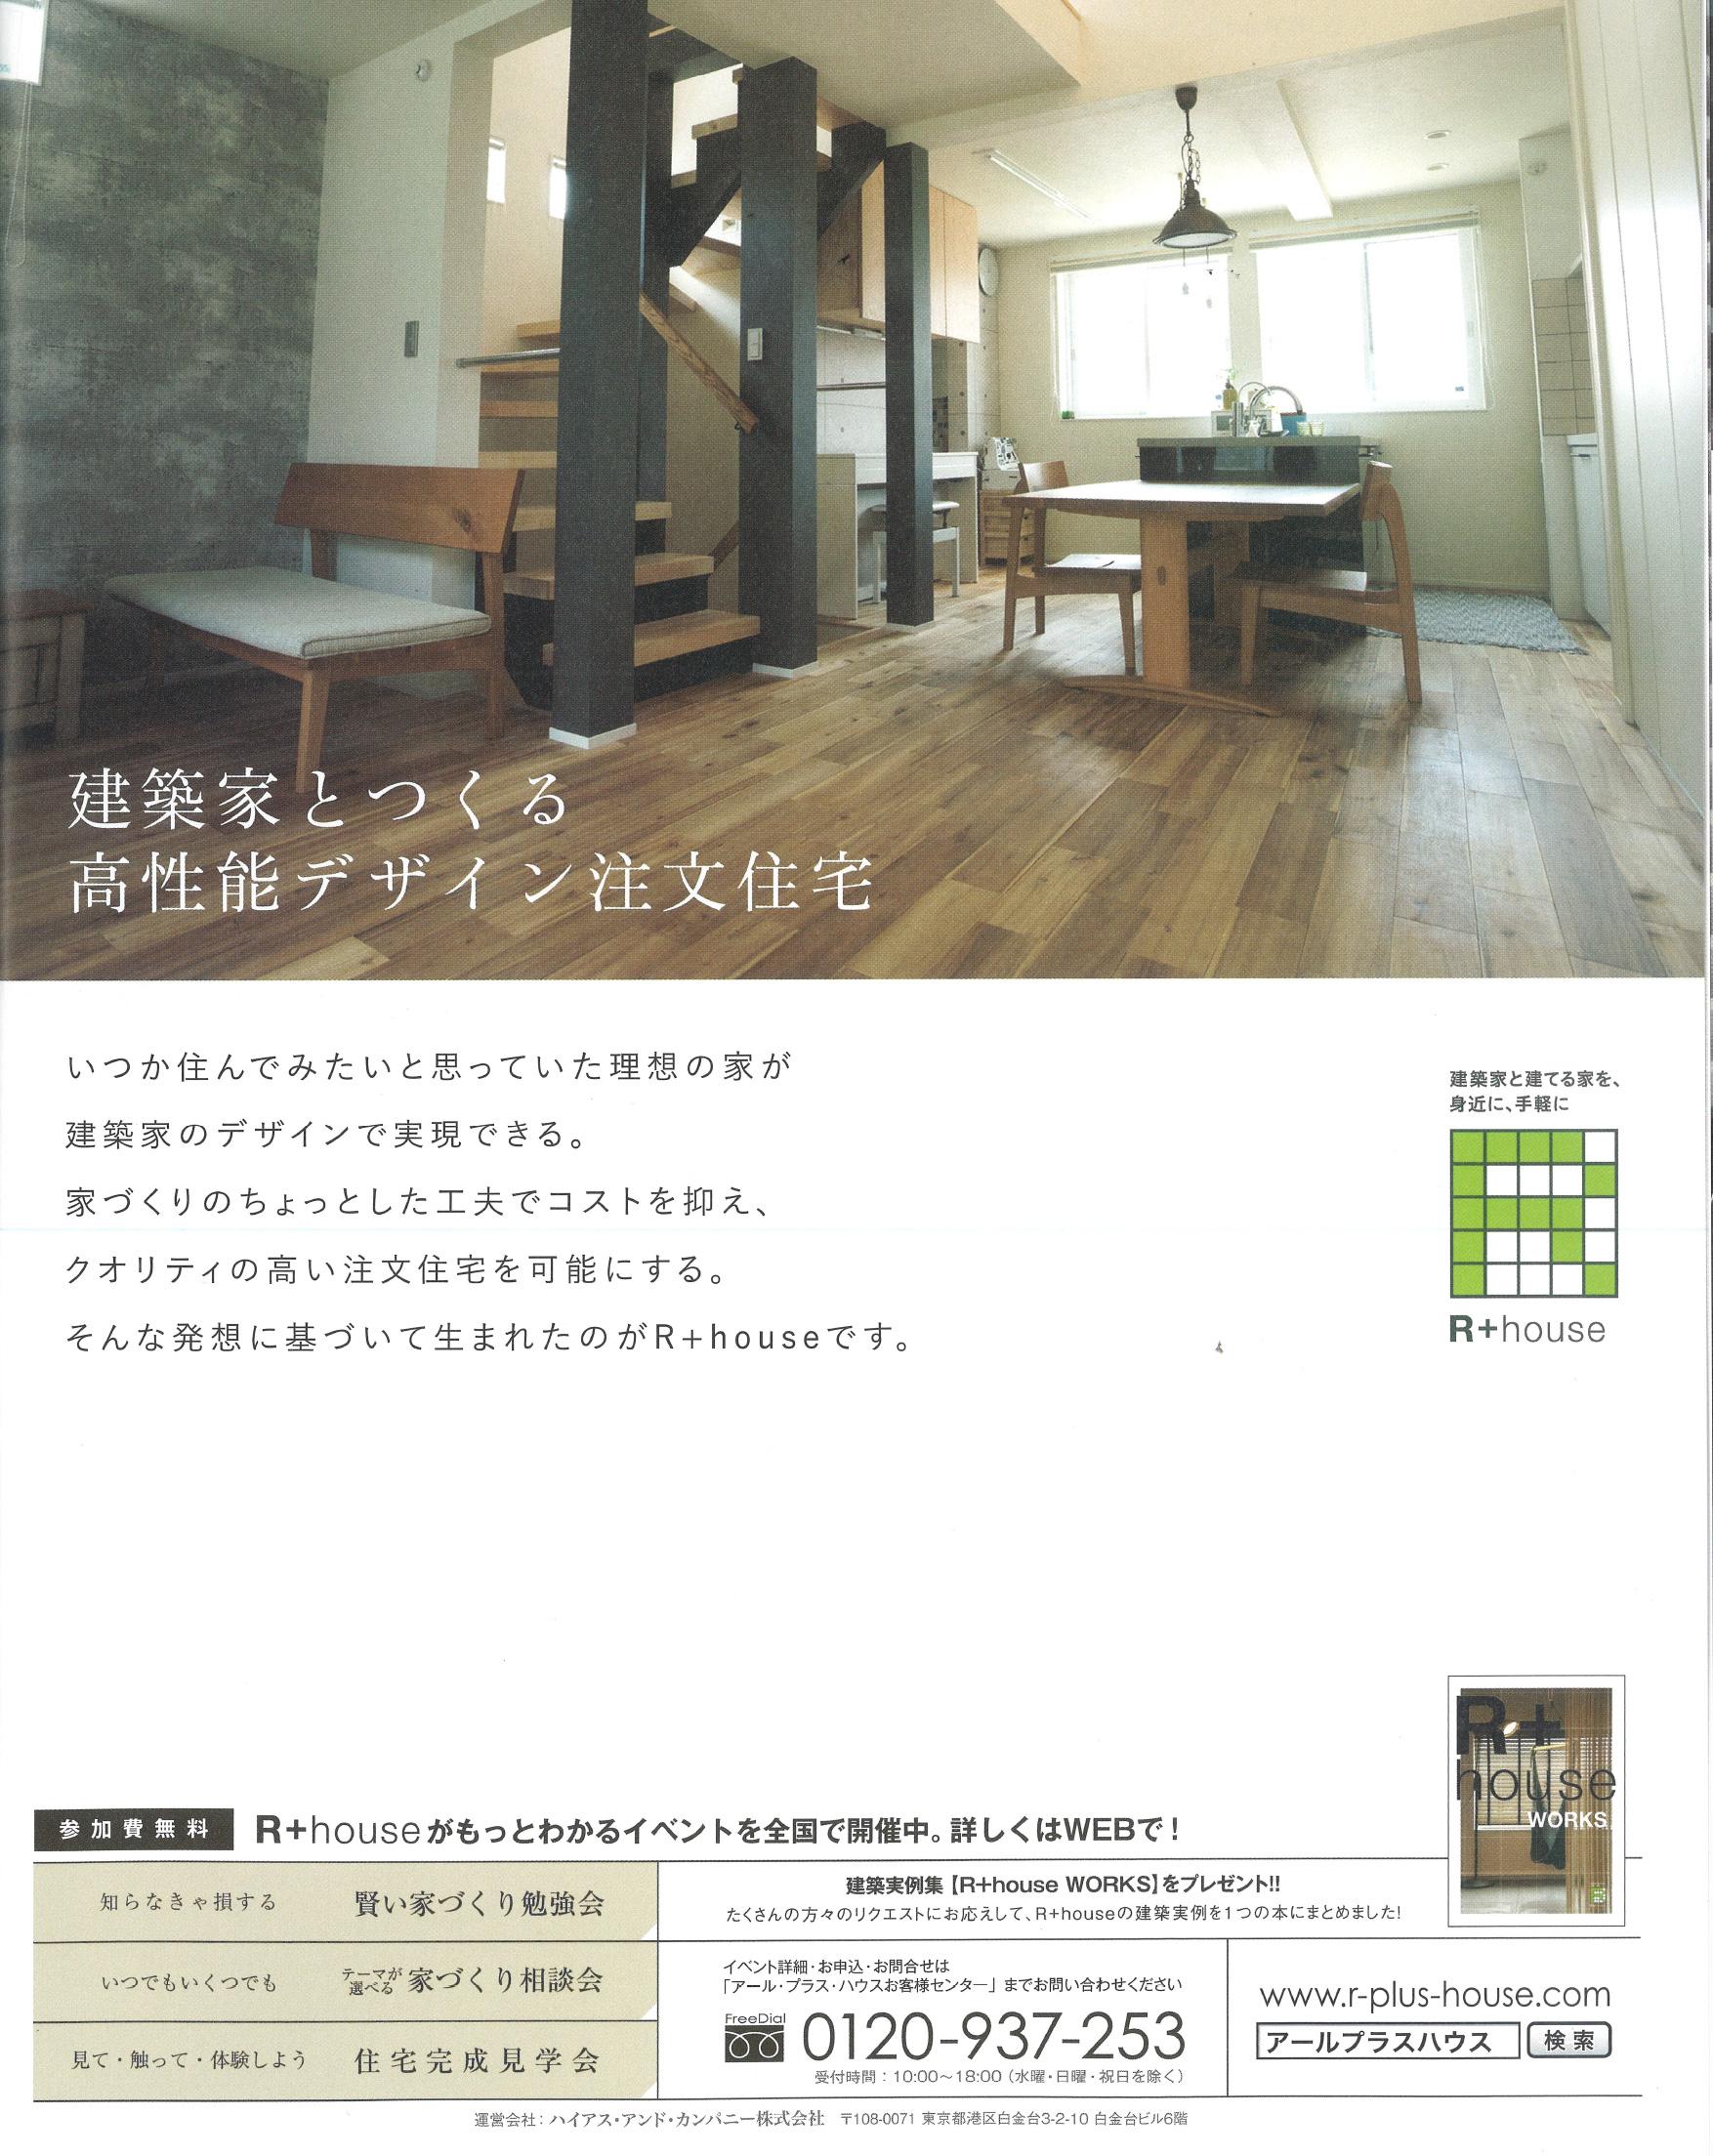 「住まいの設計7月21日発売号」2